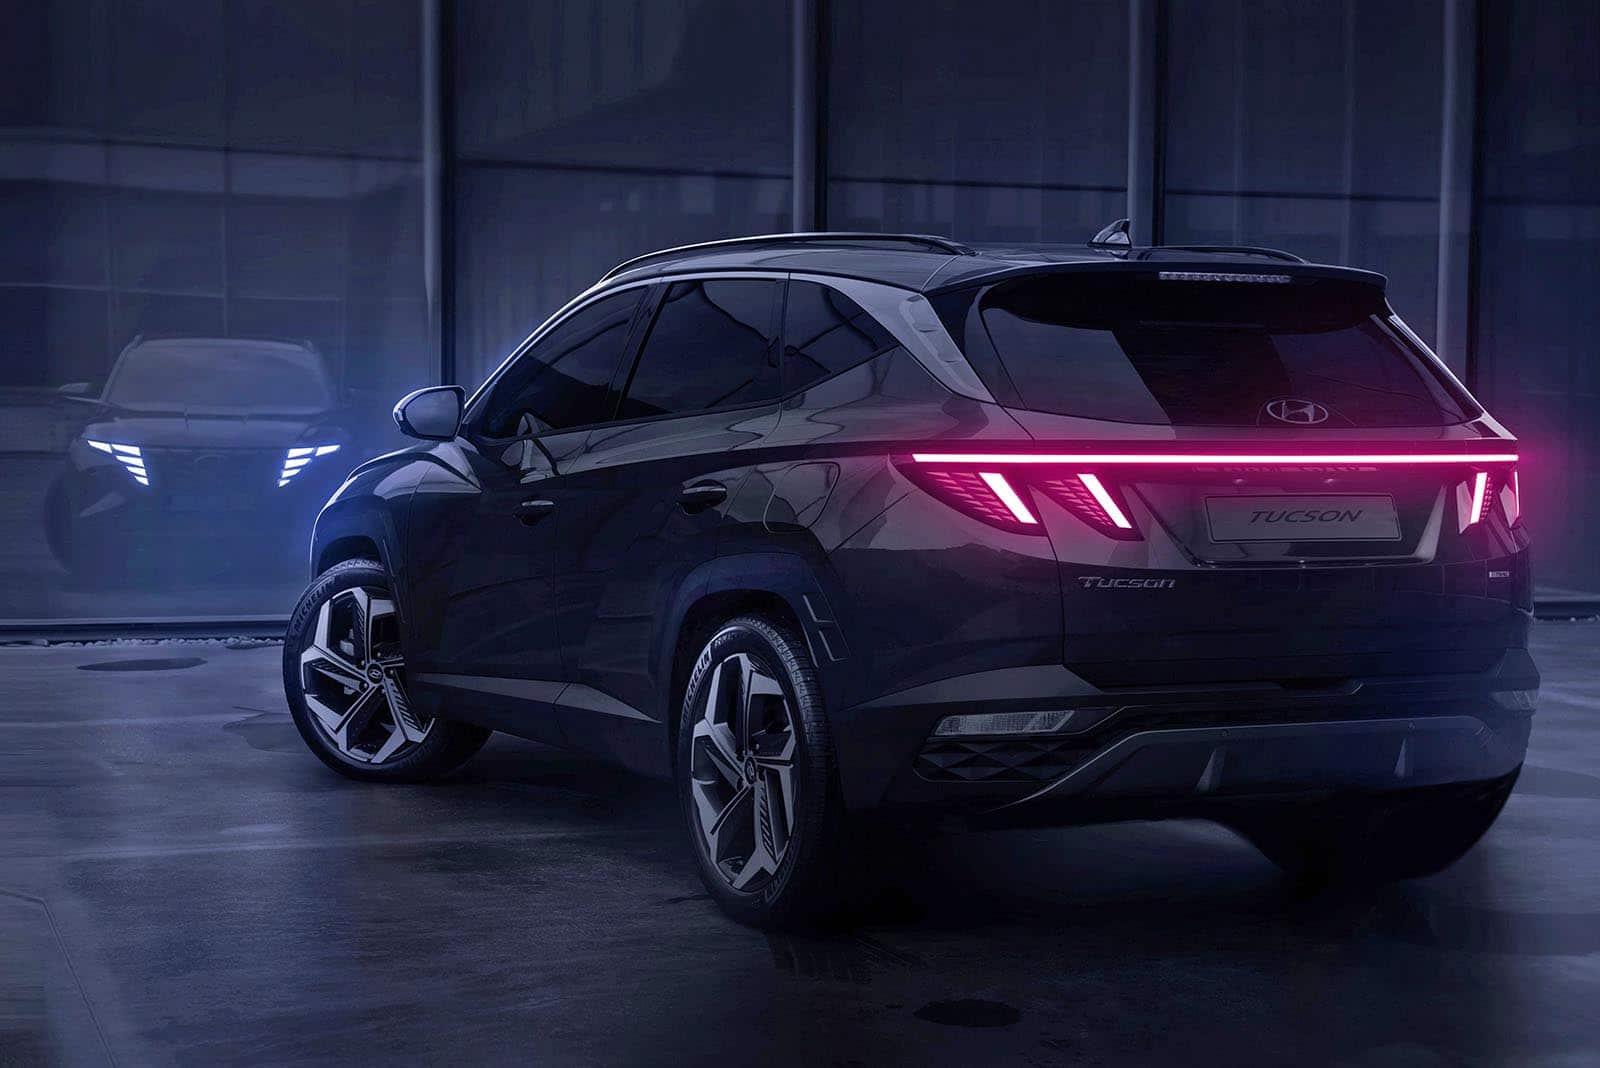 First Look 2021 Hyundai Tucson The Detroit Bureau